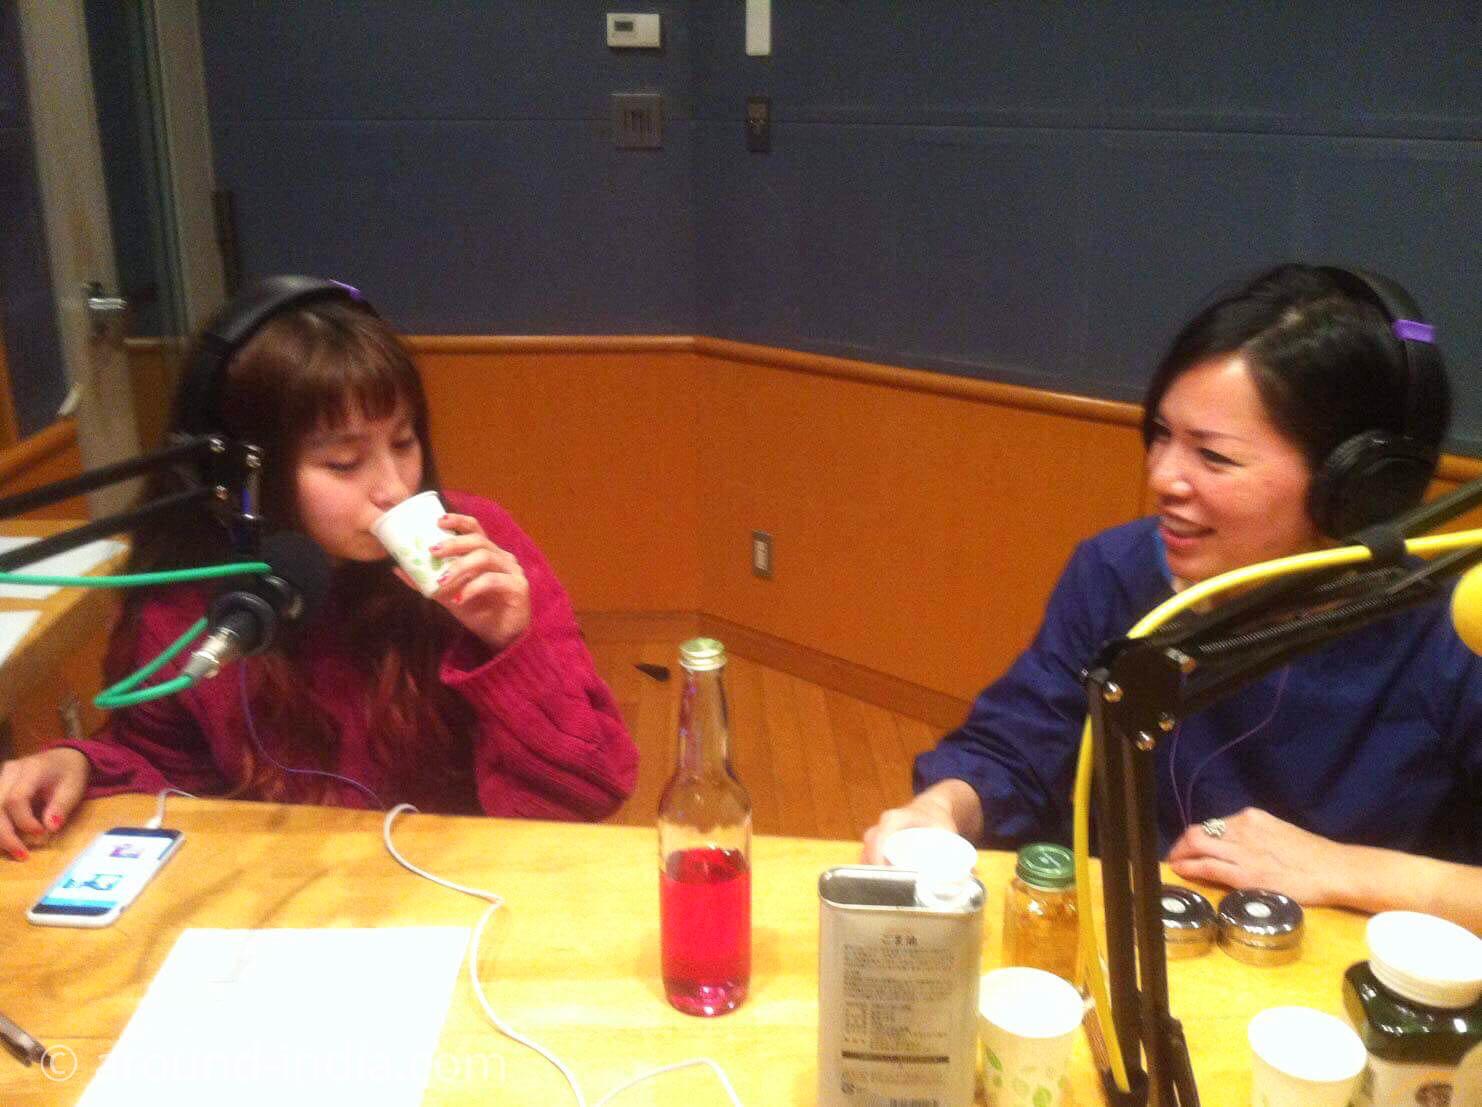 FM横浜 だめラジオ DJのトミタ栞ちゃんとAROUND INDIA田村ゆみ